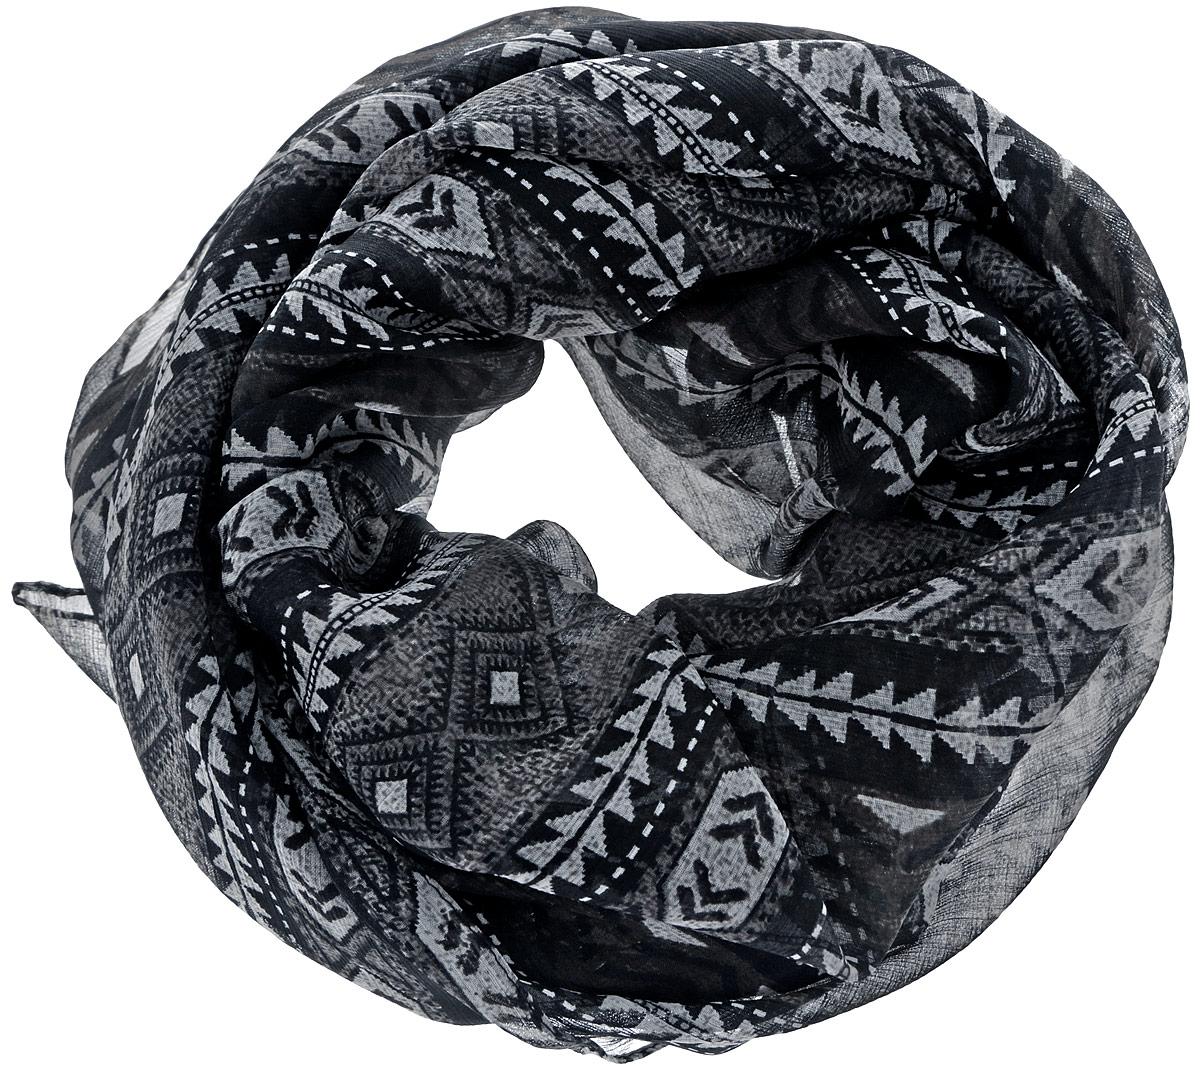 Платок женский Ethnica, цвет: черный, серый. 524040н. Размер 100 см х 100 см524040нСтильный женский платок Ethnica станет великолепным завершением любого наряда. Платок изготовлен из 100% вискозы и оформлен оригинальным принтом в полоску. Классическая квадратная форма позволяет носить платок на шее, украшать им прическу или декорировать сумочку. Такой платок превосходно дополнит любой наряд и подчеркнет ваш неповторимый вкус и элегантность.